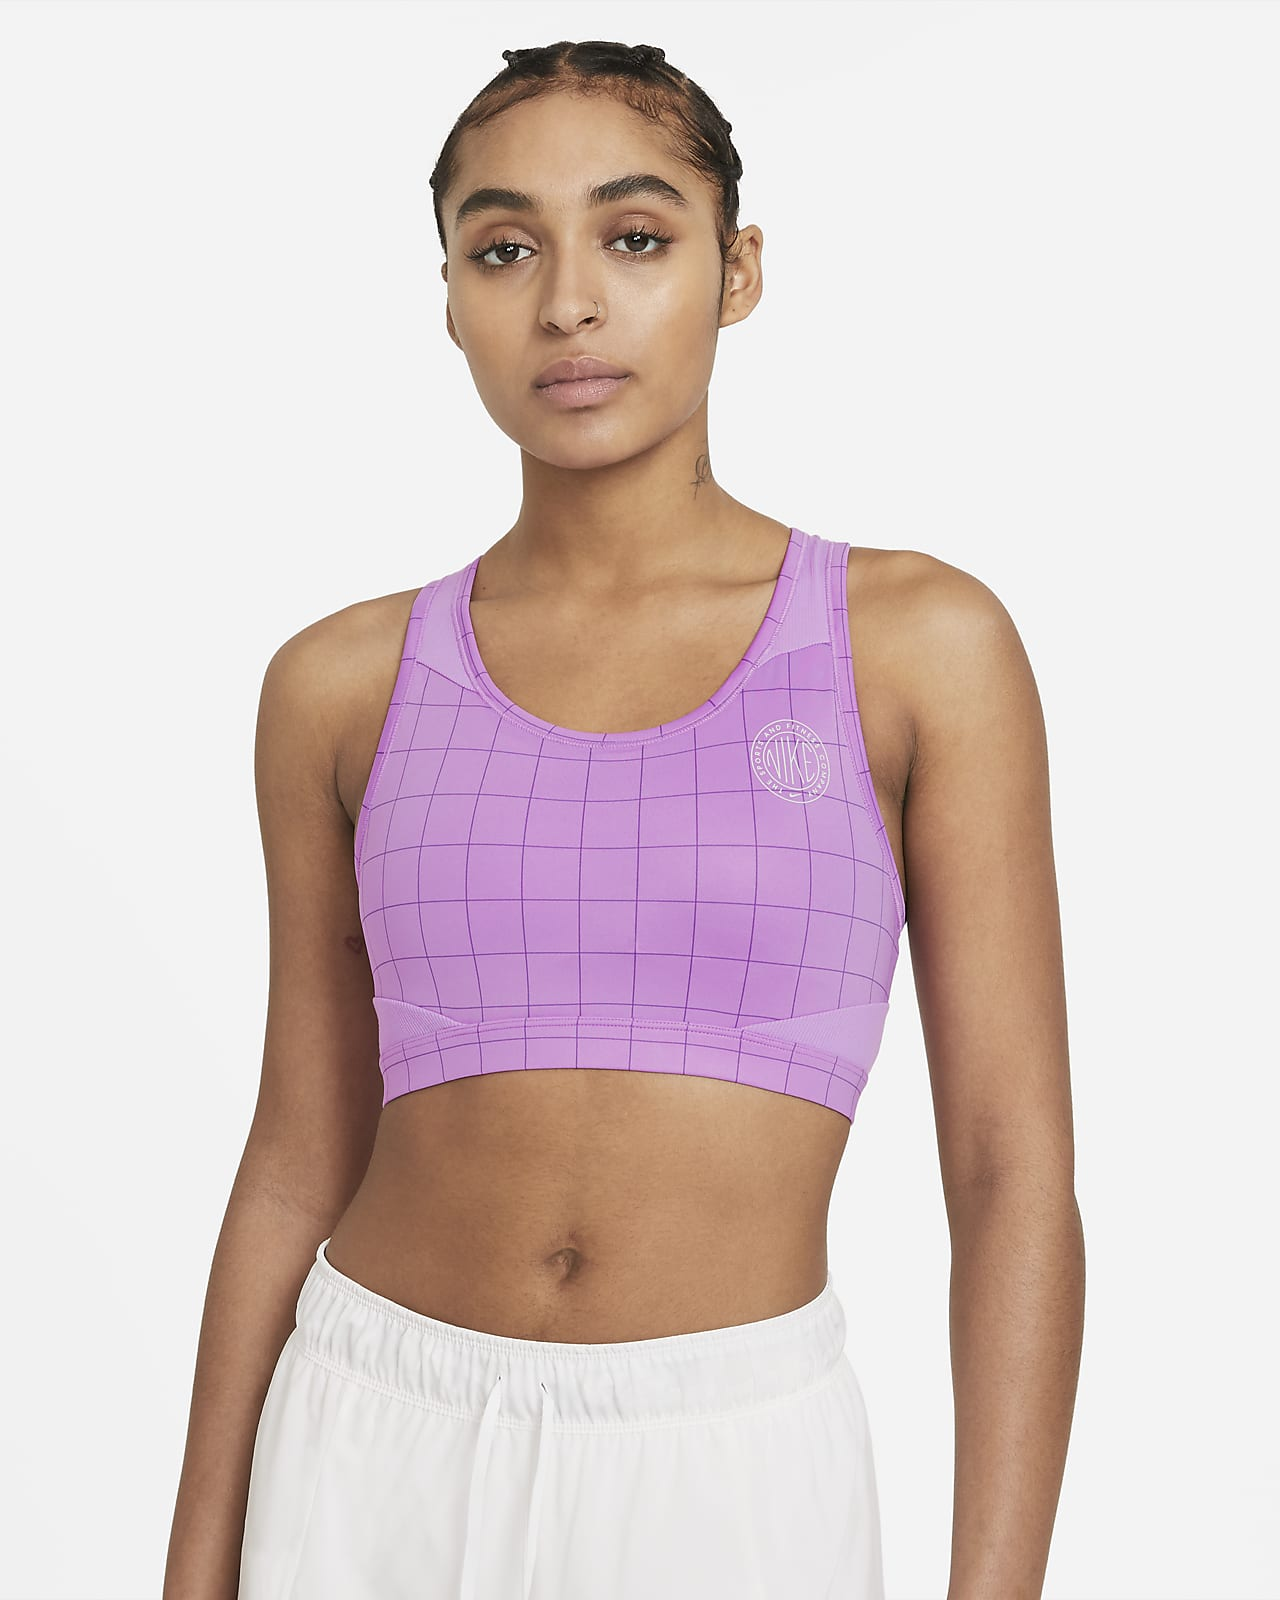 Nike Swoosh Femme Sport-bh met print, medium ondersteuning en pad uit één stuk